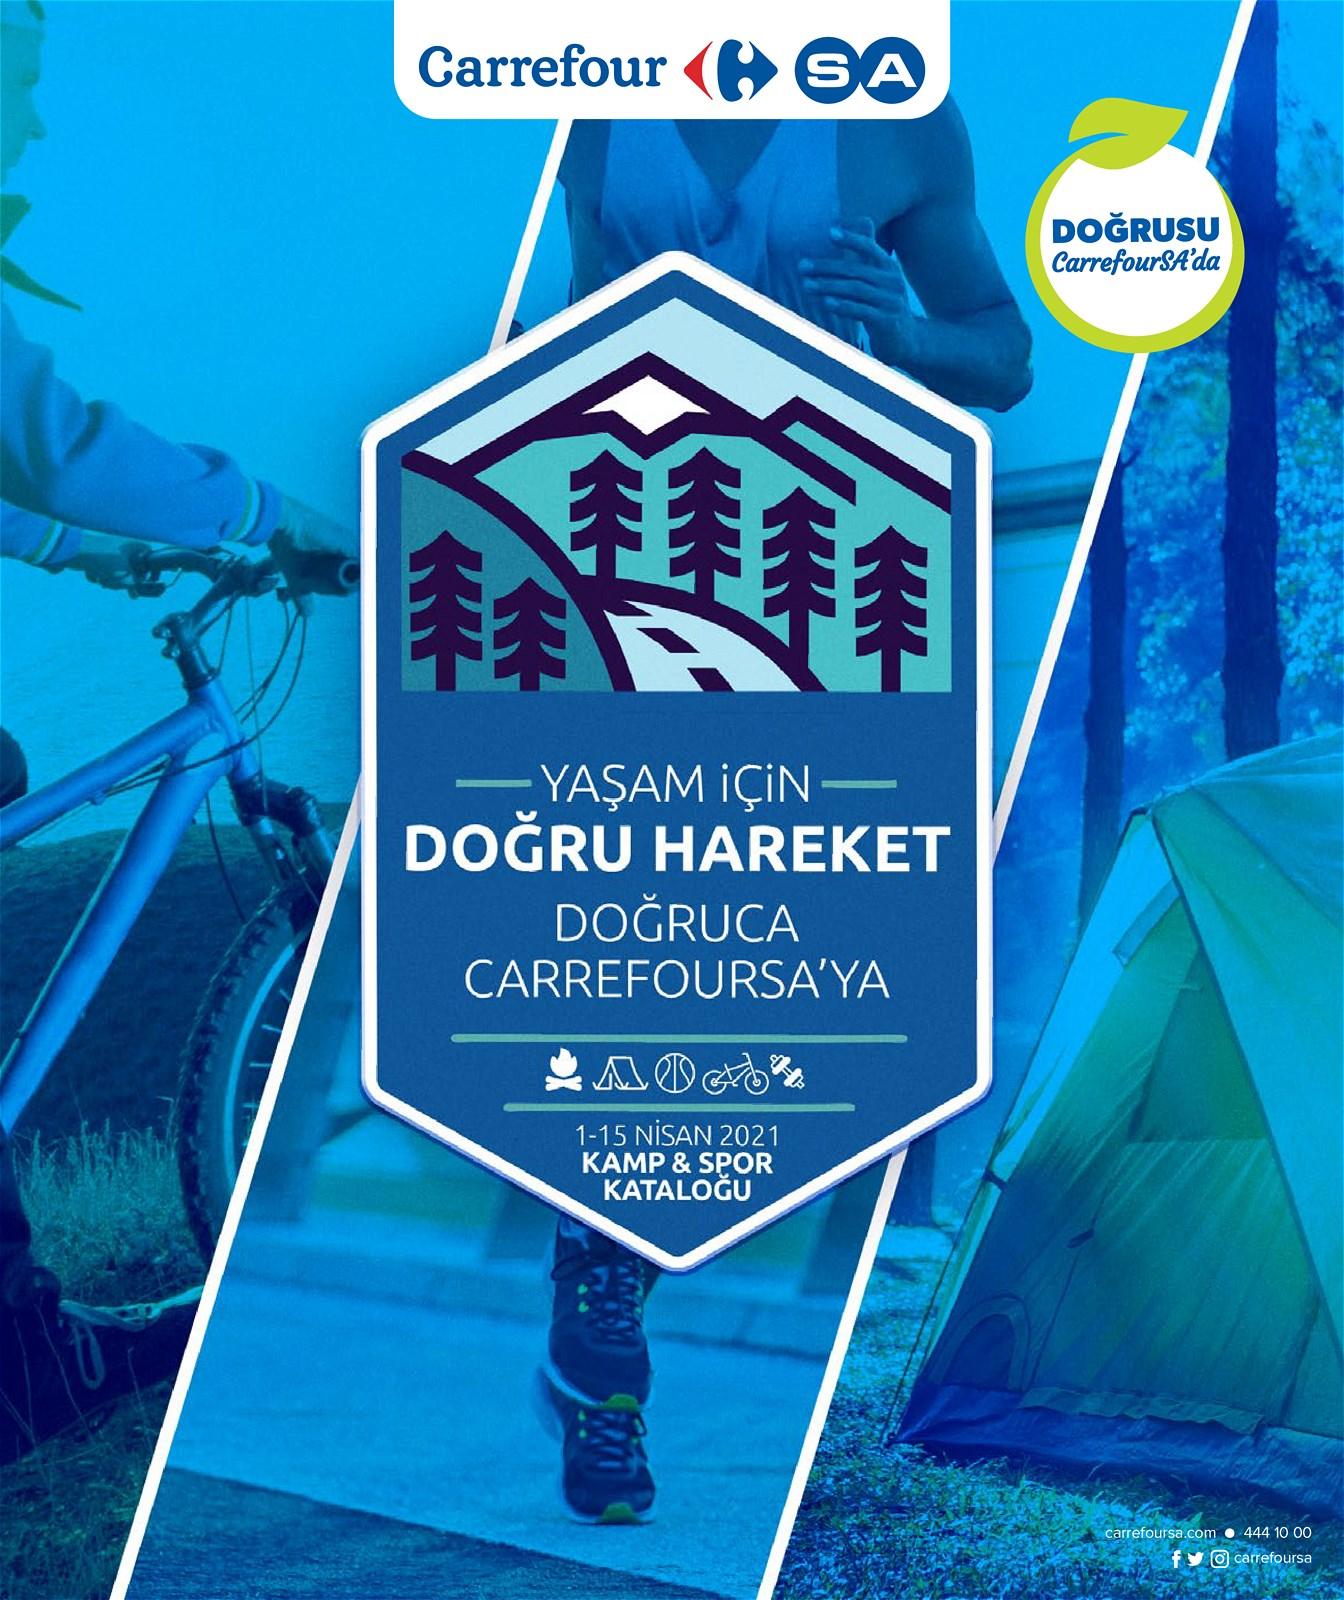 01.04.2021 CarrefourSA broşürü 1. sayfa